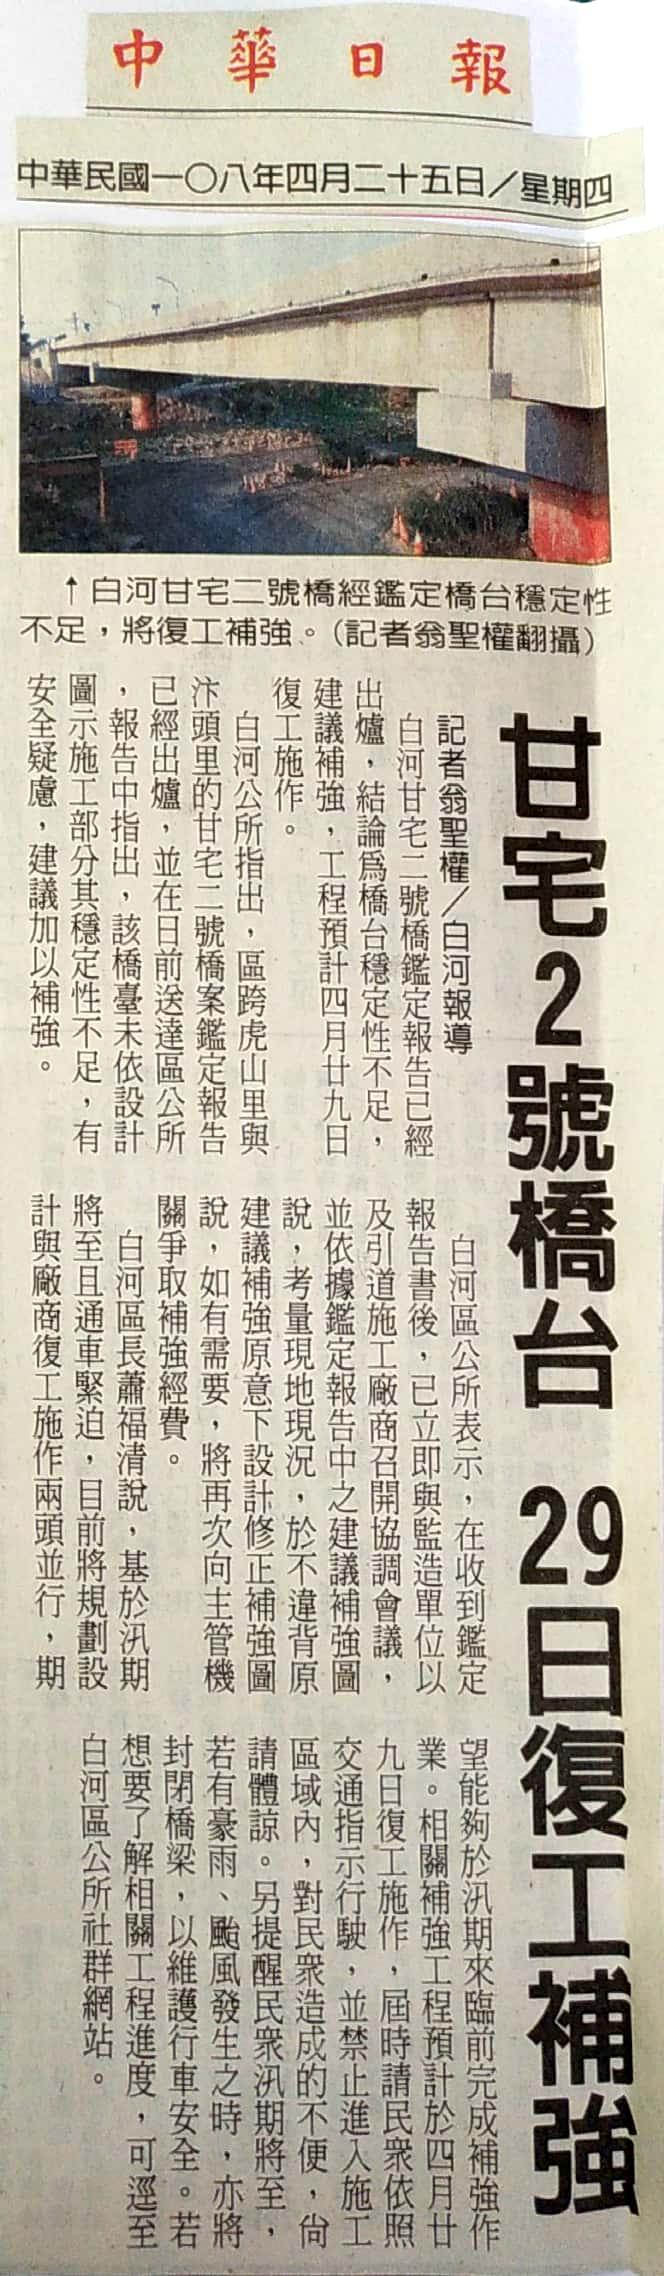 甘宅二號橋本月29日將復工進行補強